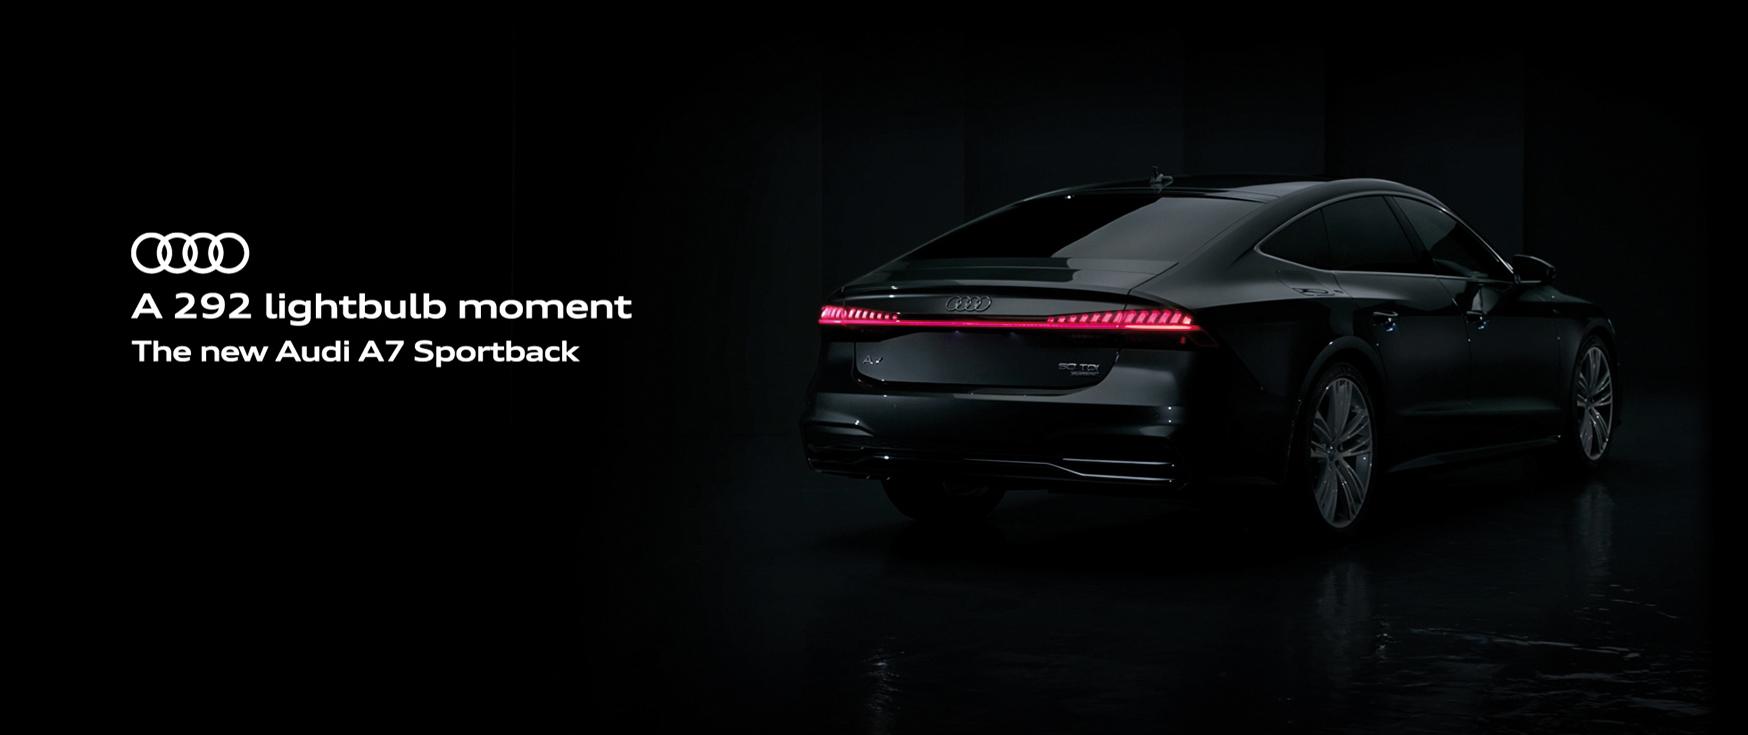 NEW NEW Audi A7 OOH.jpg